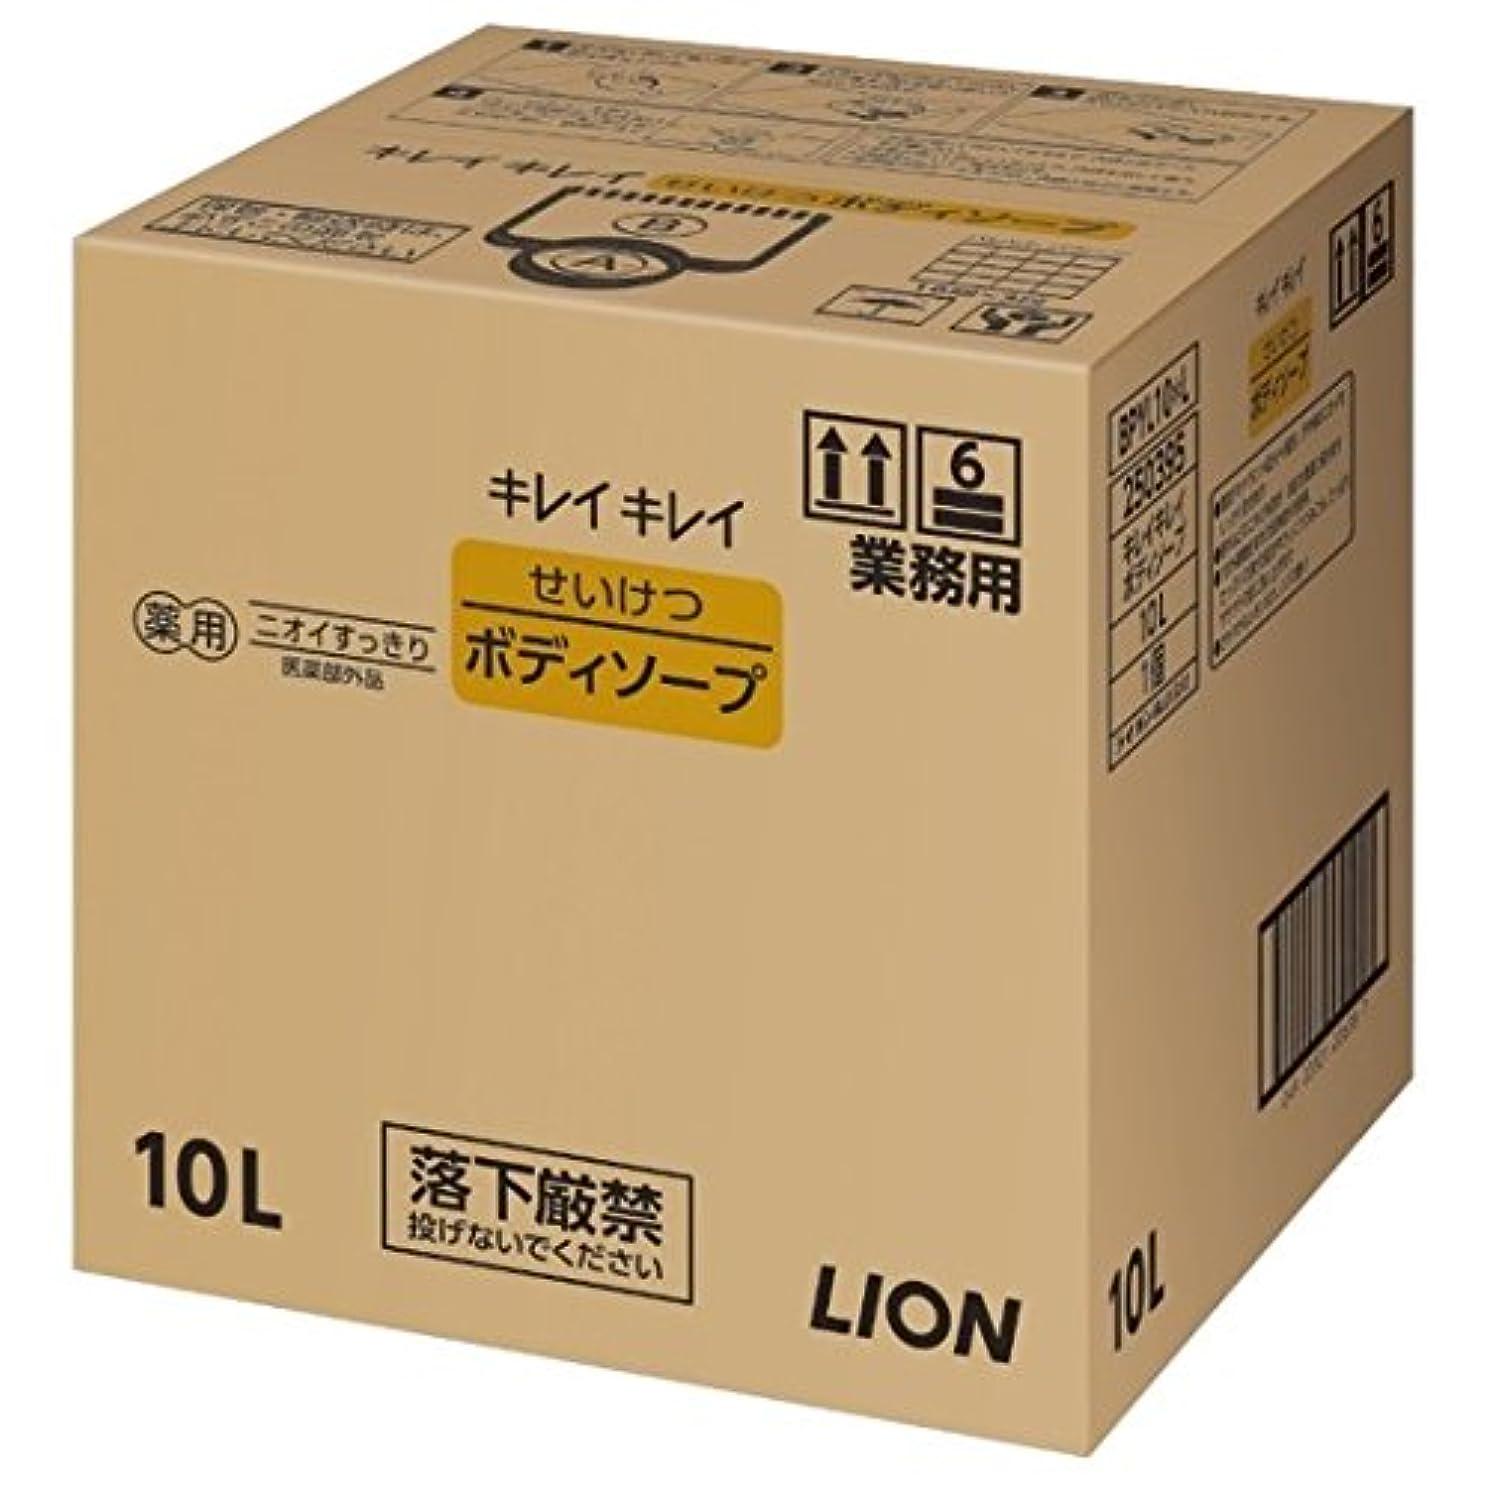 ダウンタウン専門災難ライオン 業務用 キレイキレイ せいけつボディソープ 10L